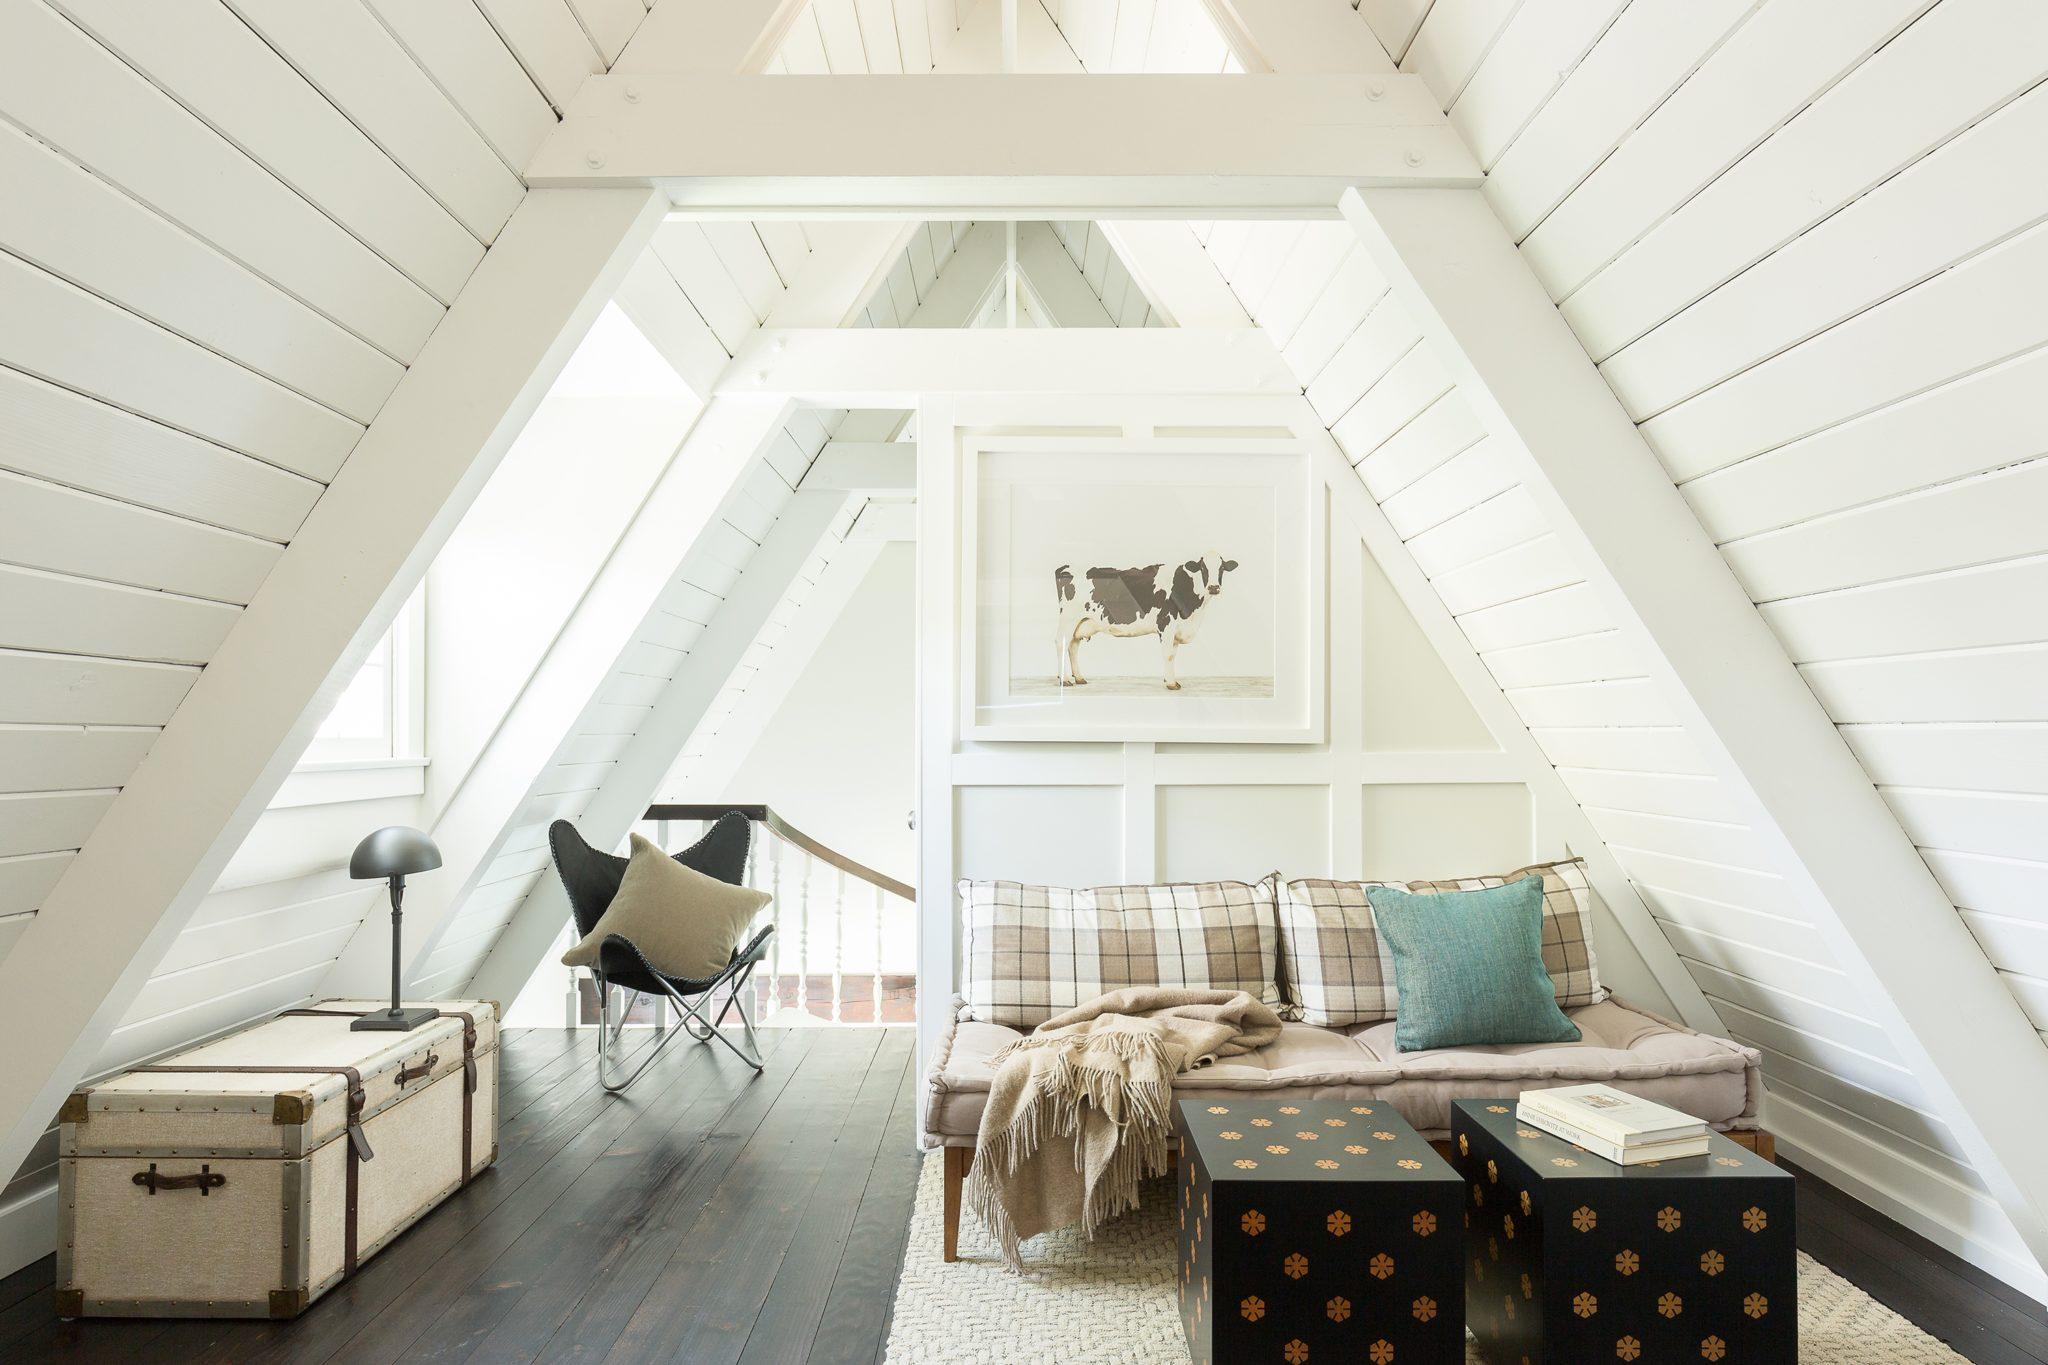 Interior design byGilmore Design Studio